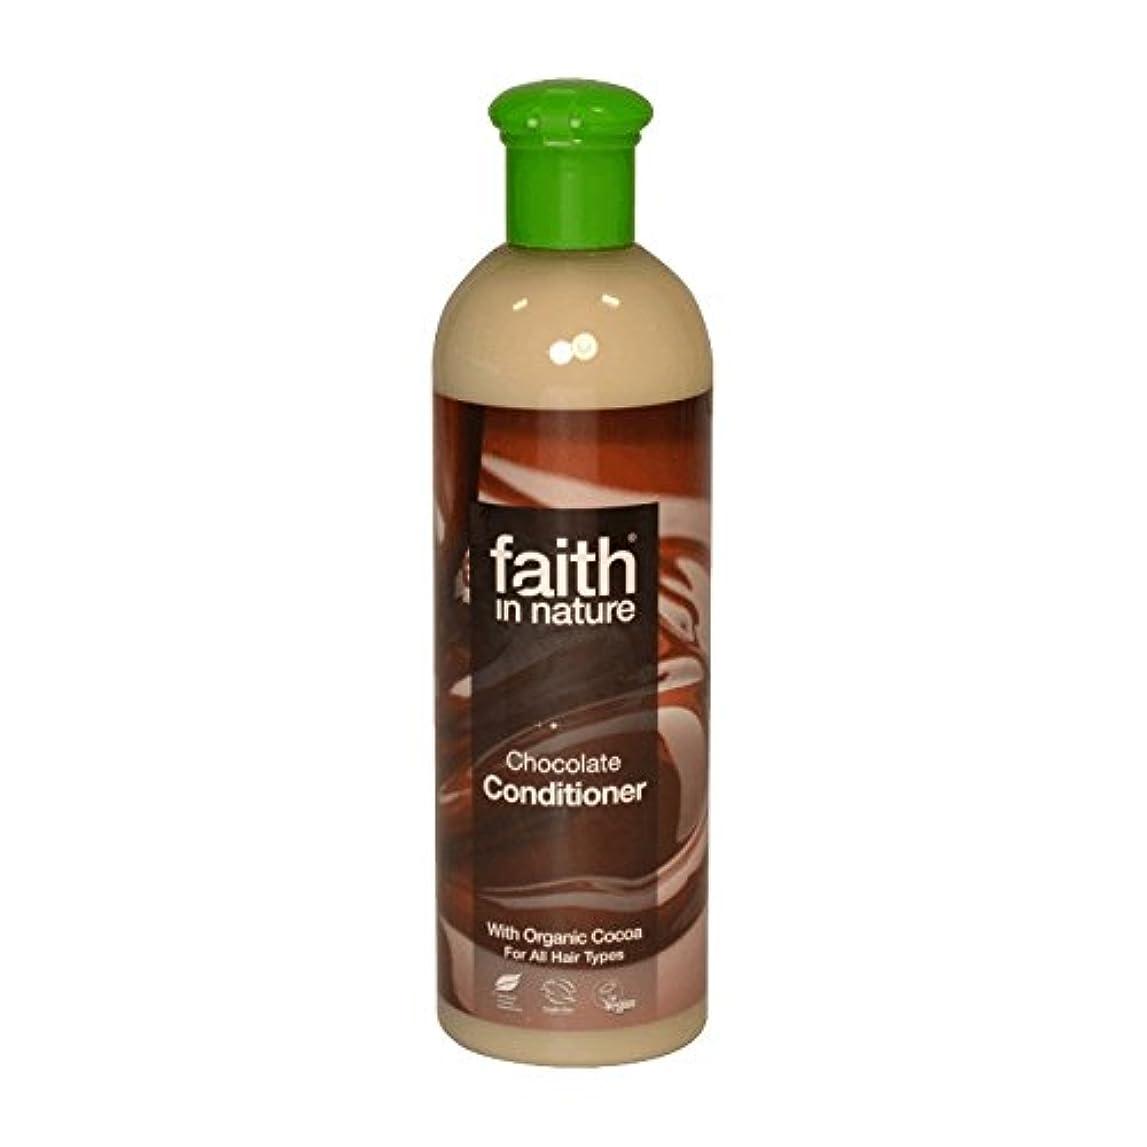 村開業医間に合わせFaith In Nature Chocolate Conditioner 400ml (Pack of 6) - 自然チョコレートコンディショナー400ミリリットルの信仰 (x6) [並行輸入品]